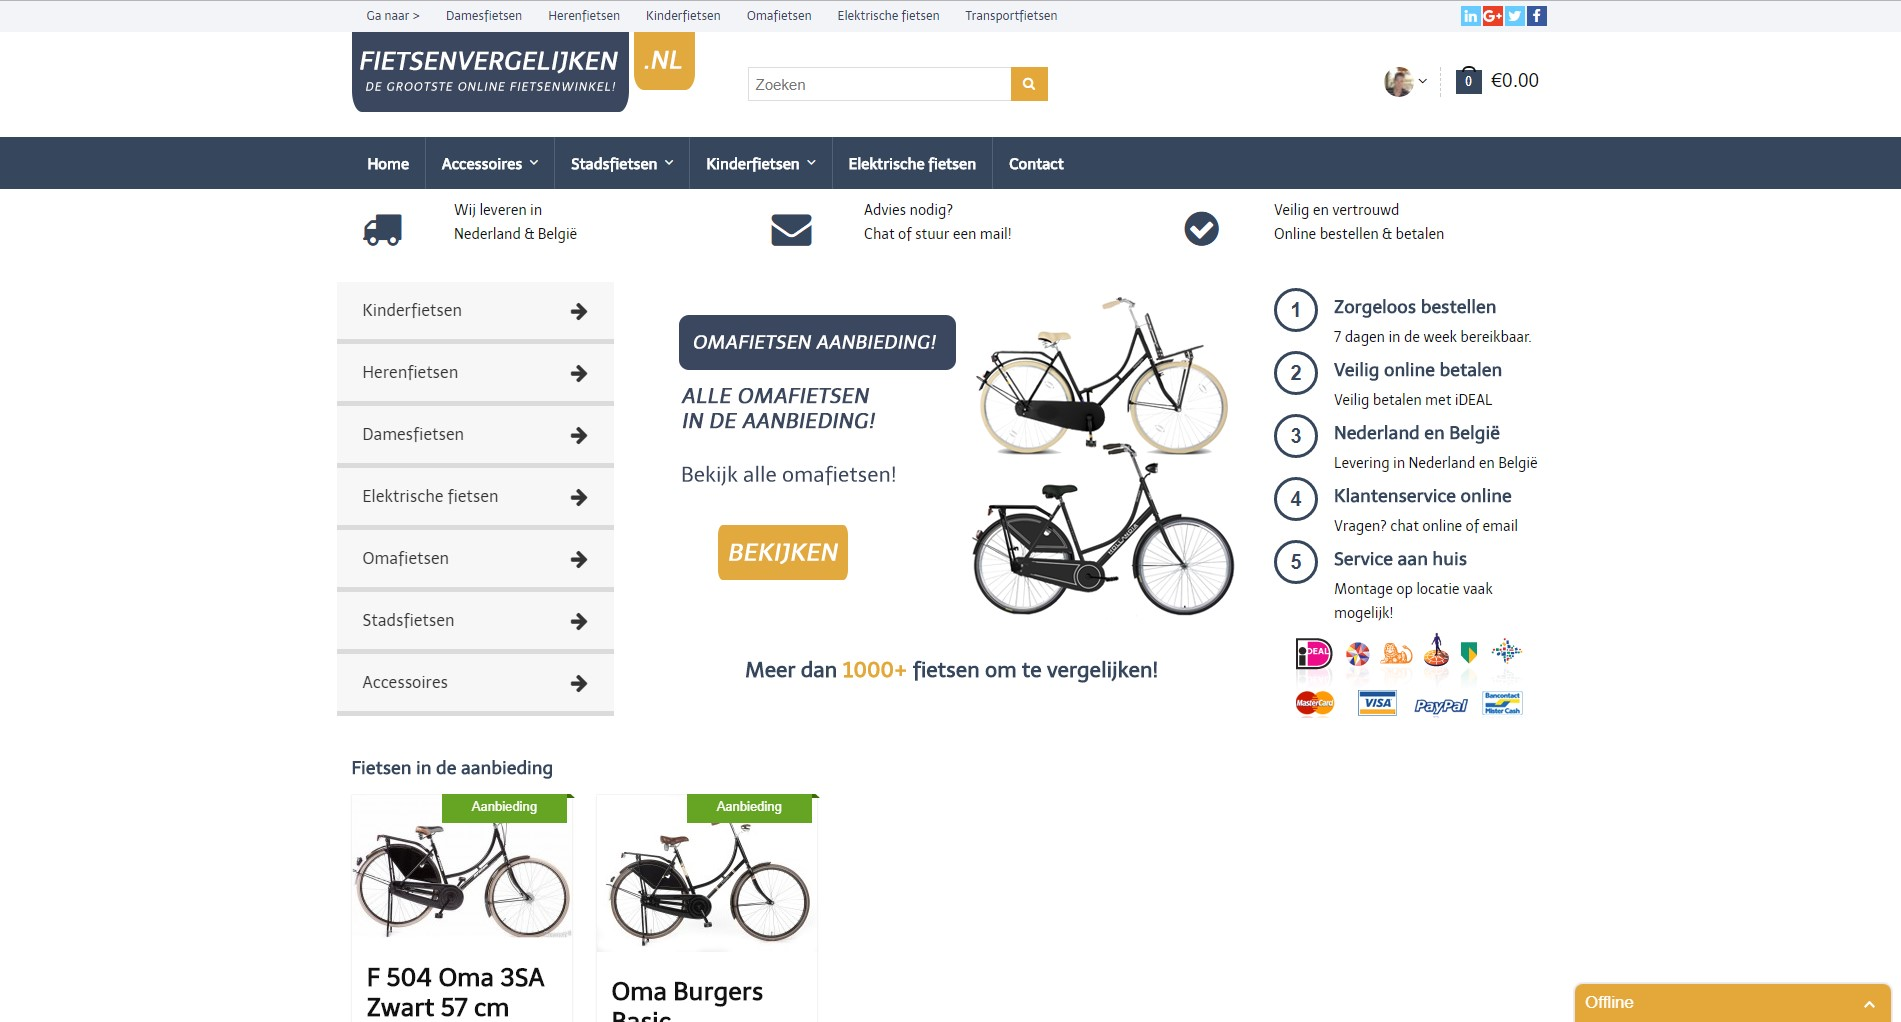 Marketeers fietsenvergelijken